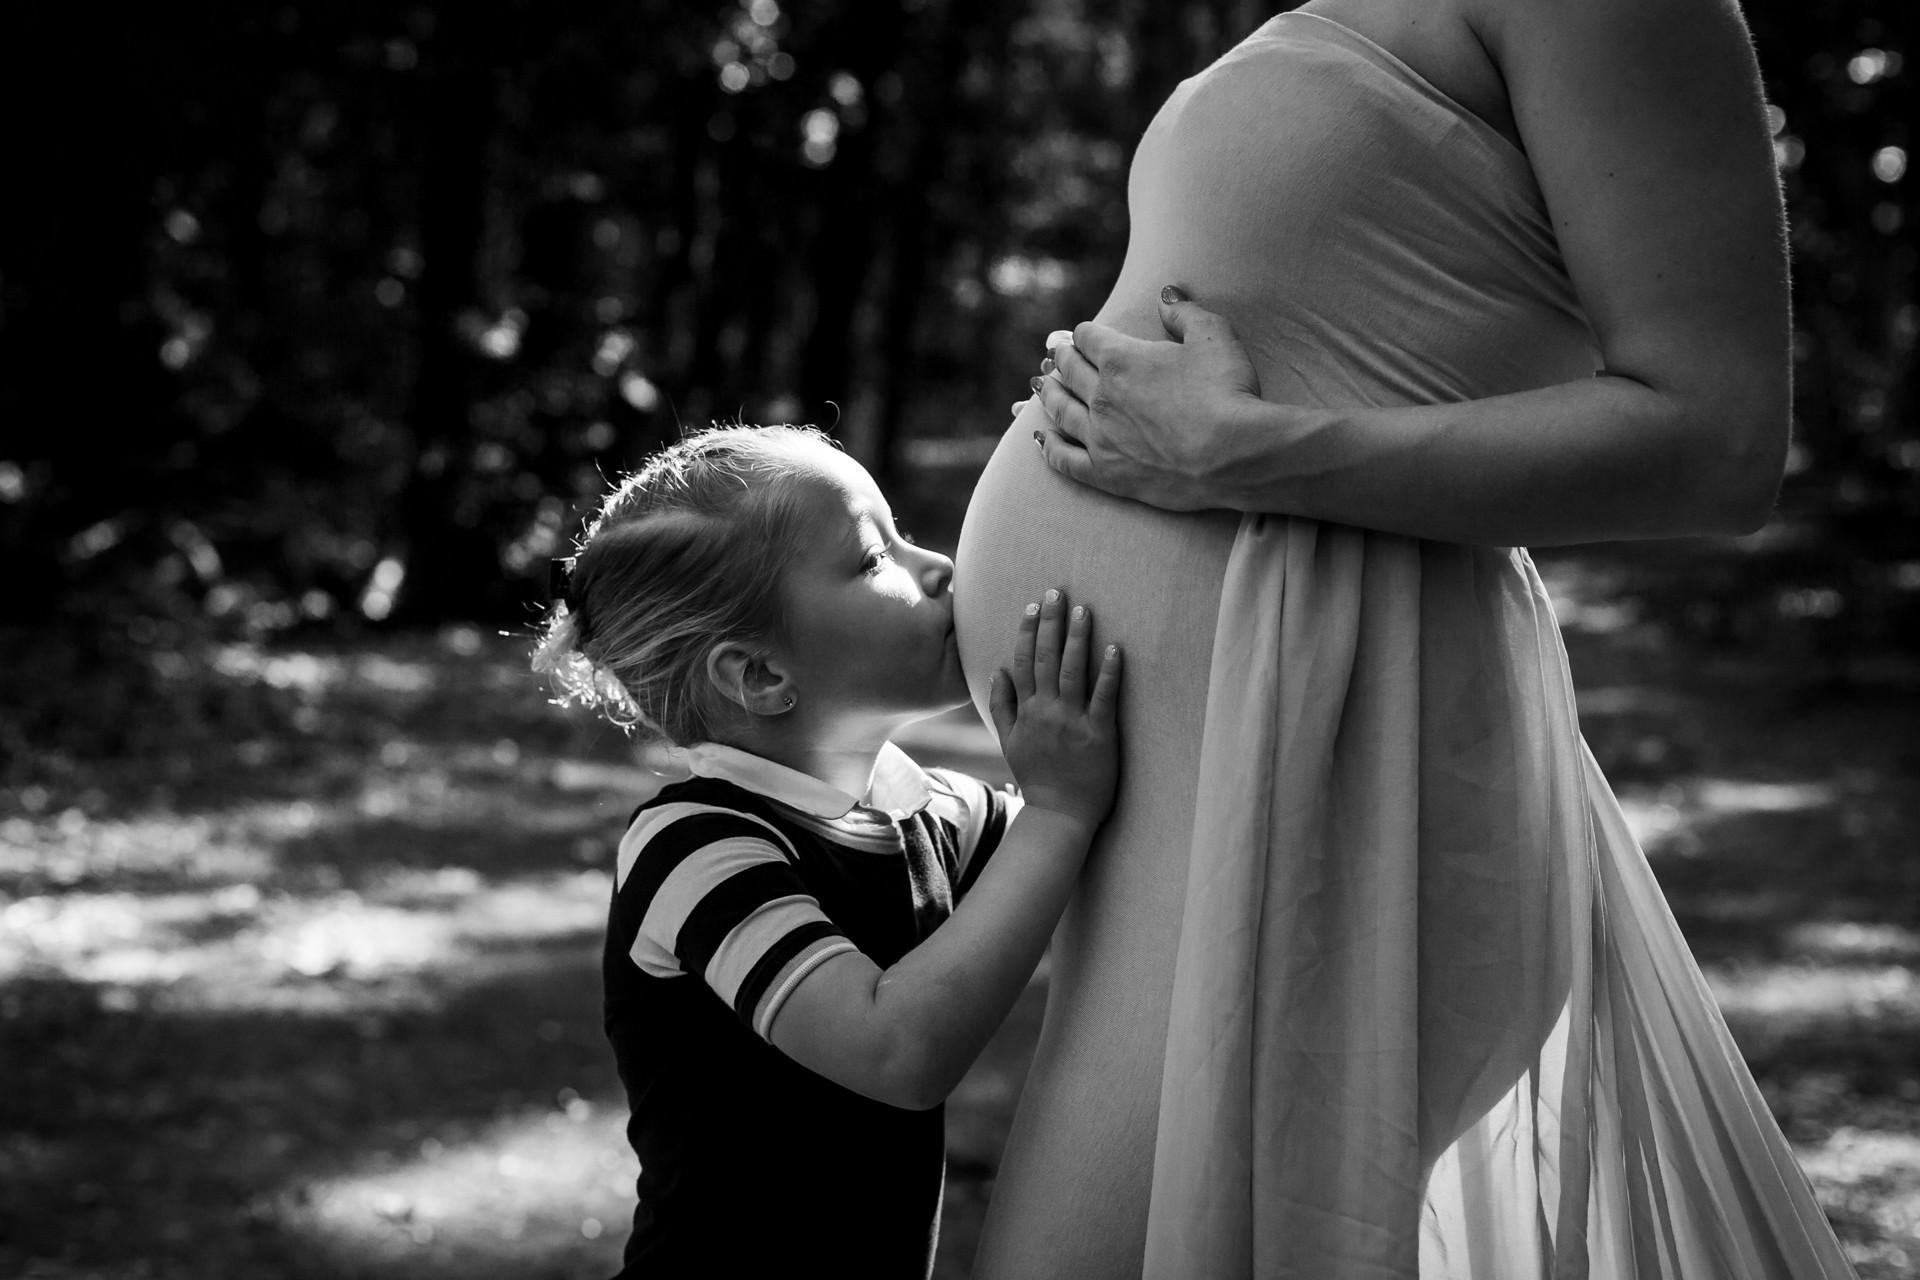 bevallen-bevalling-geboorte-geboortefotograaf-geboortefotografie-bevallingservaringen-pure-life-geboortefotografie